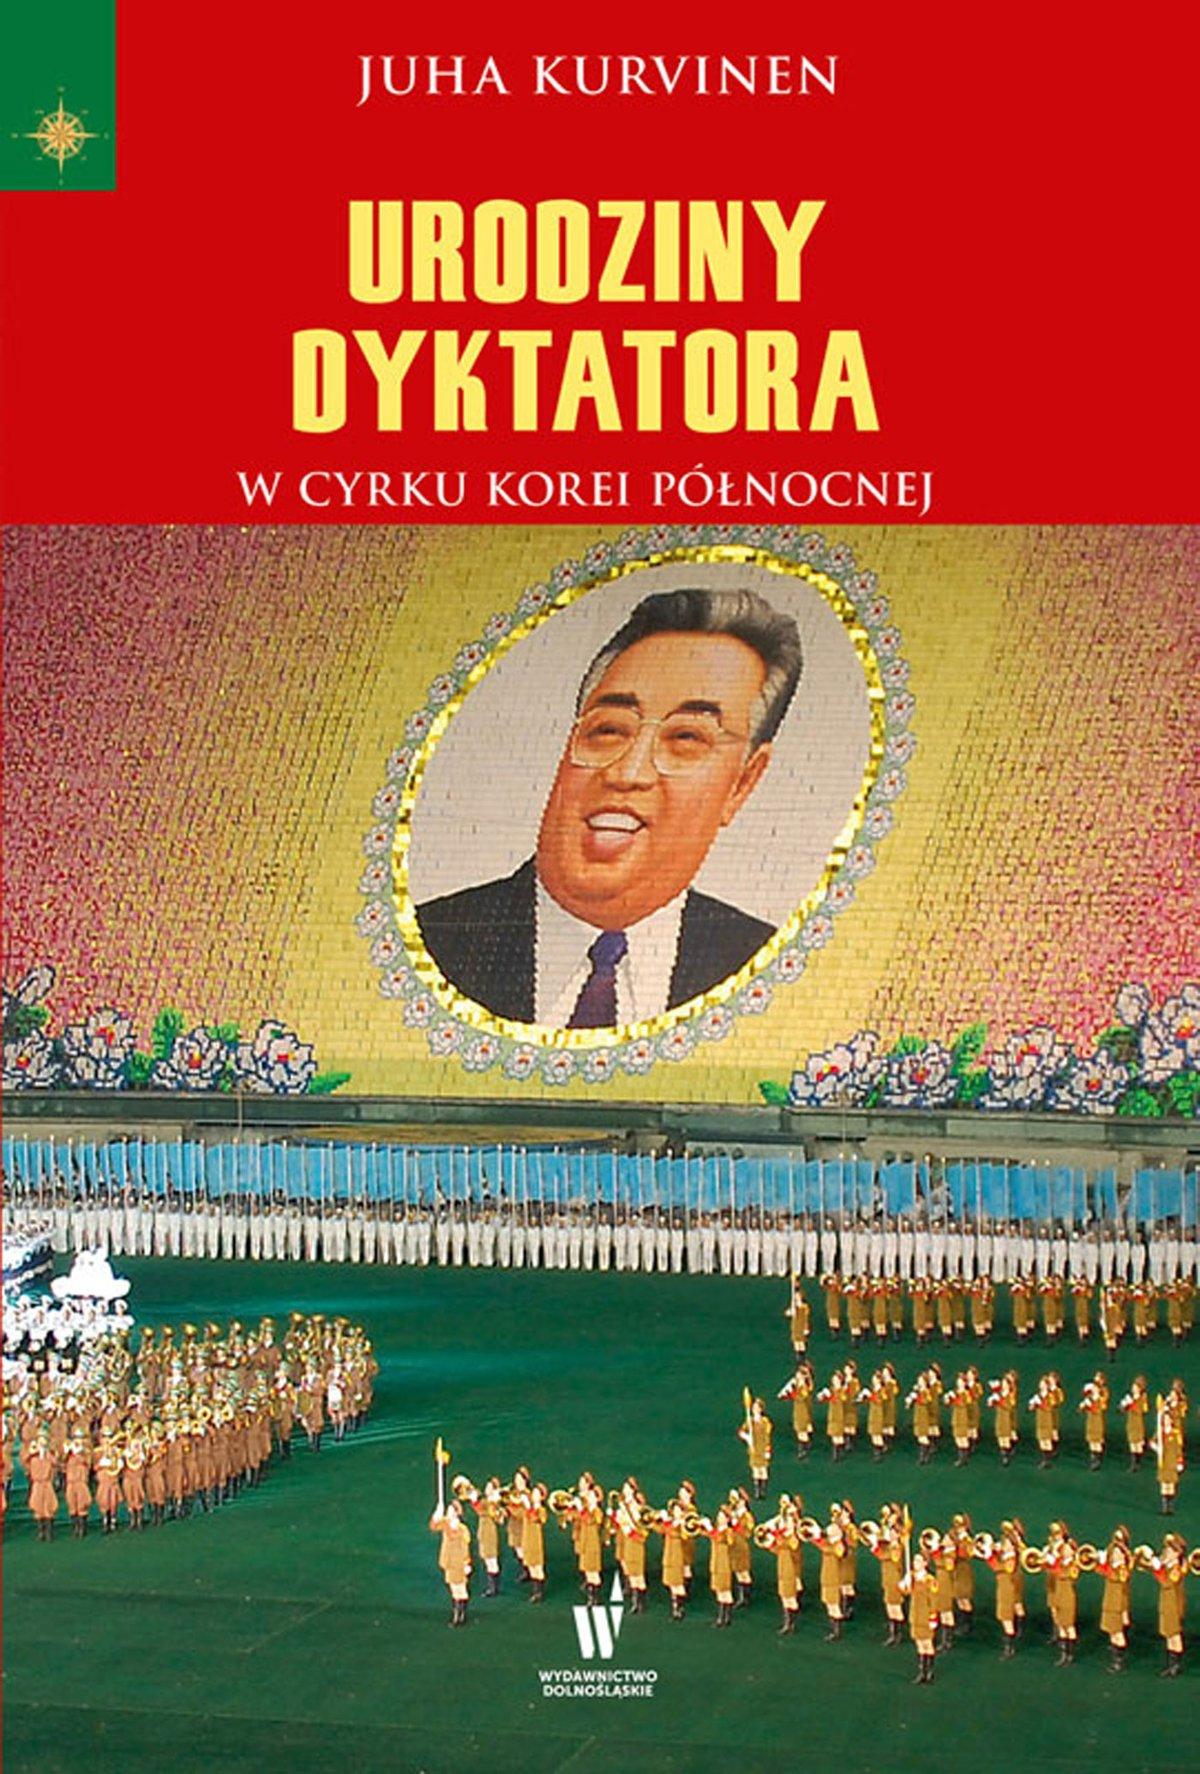 Urodziny dyktatora - Ebook (Książka na Kindle) do pobrania w formacie MOBI